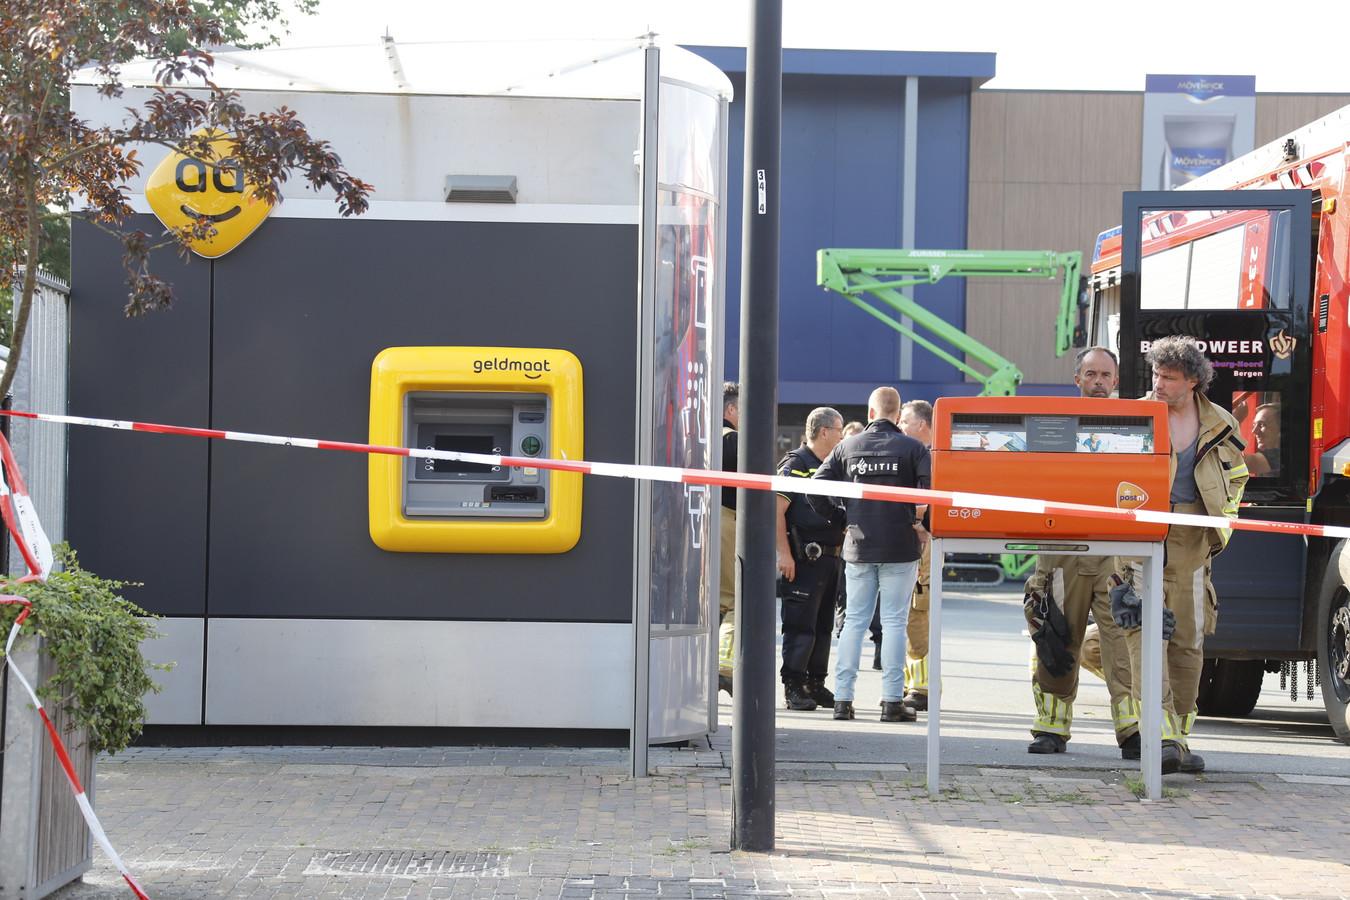 Bij de poging tot plofkrak in Siebengewald lijkt het ogenschijnlijk niet tot een ontploffing te zijn gekomen. De geldautomaat oogt nog intact.